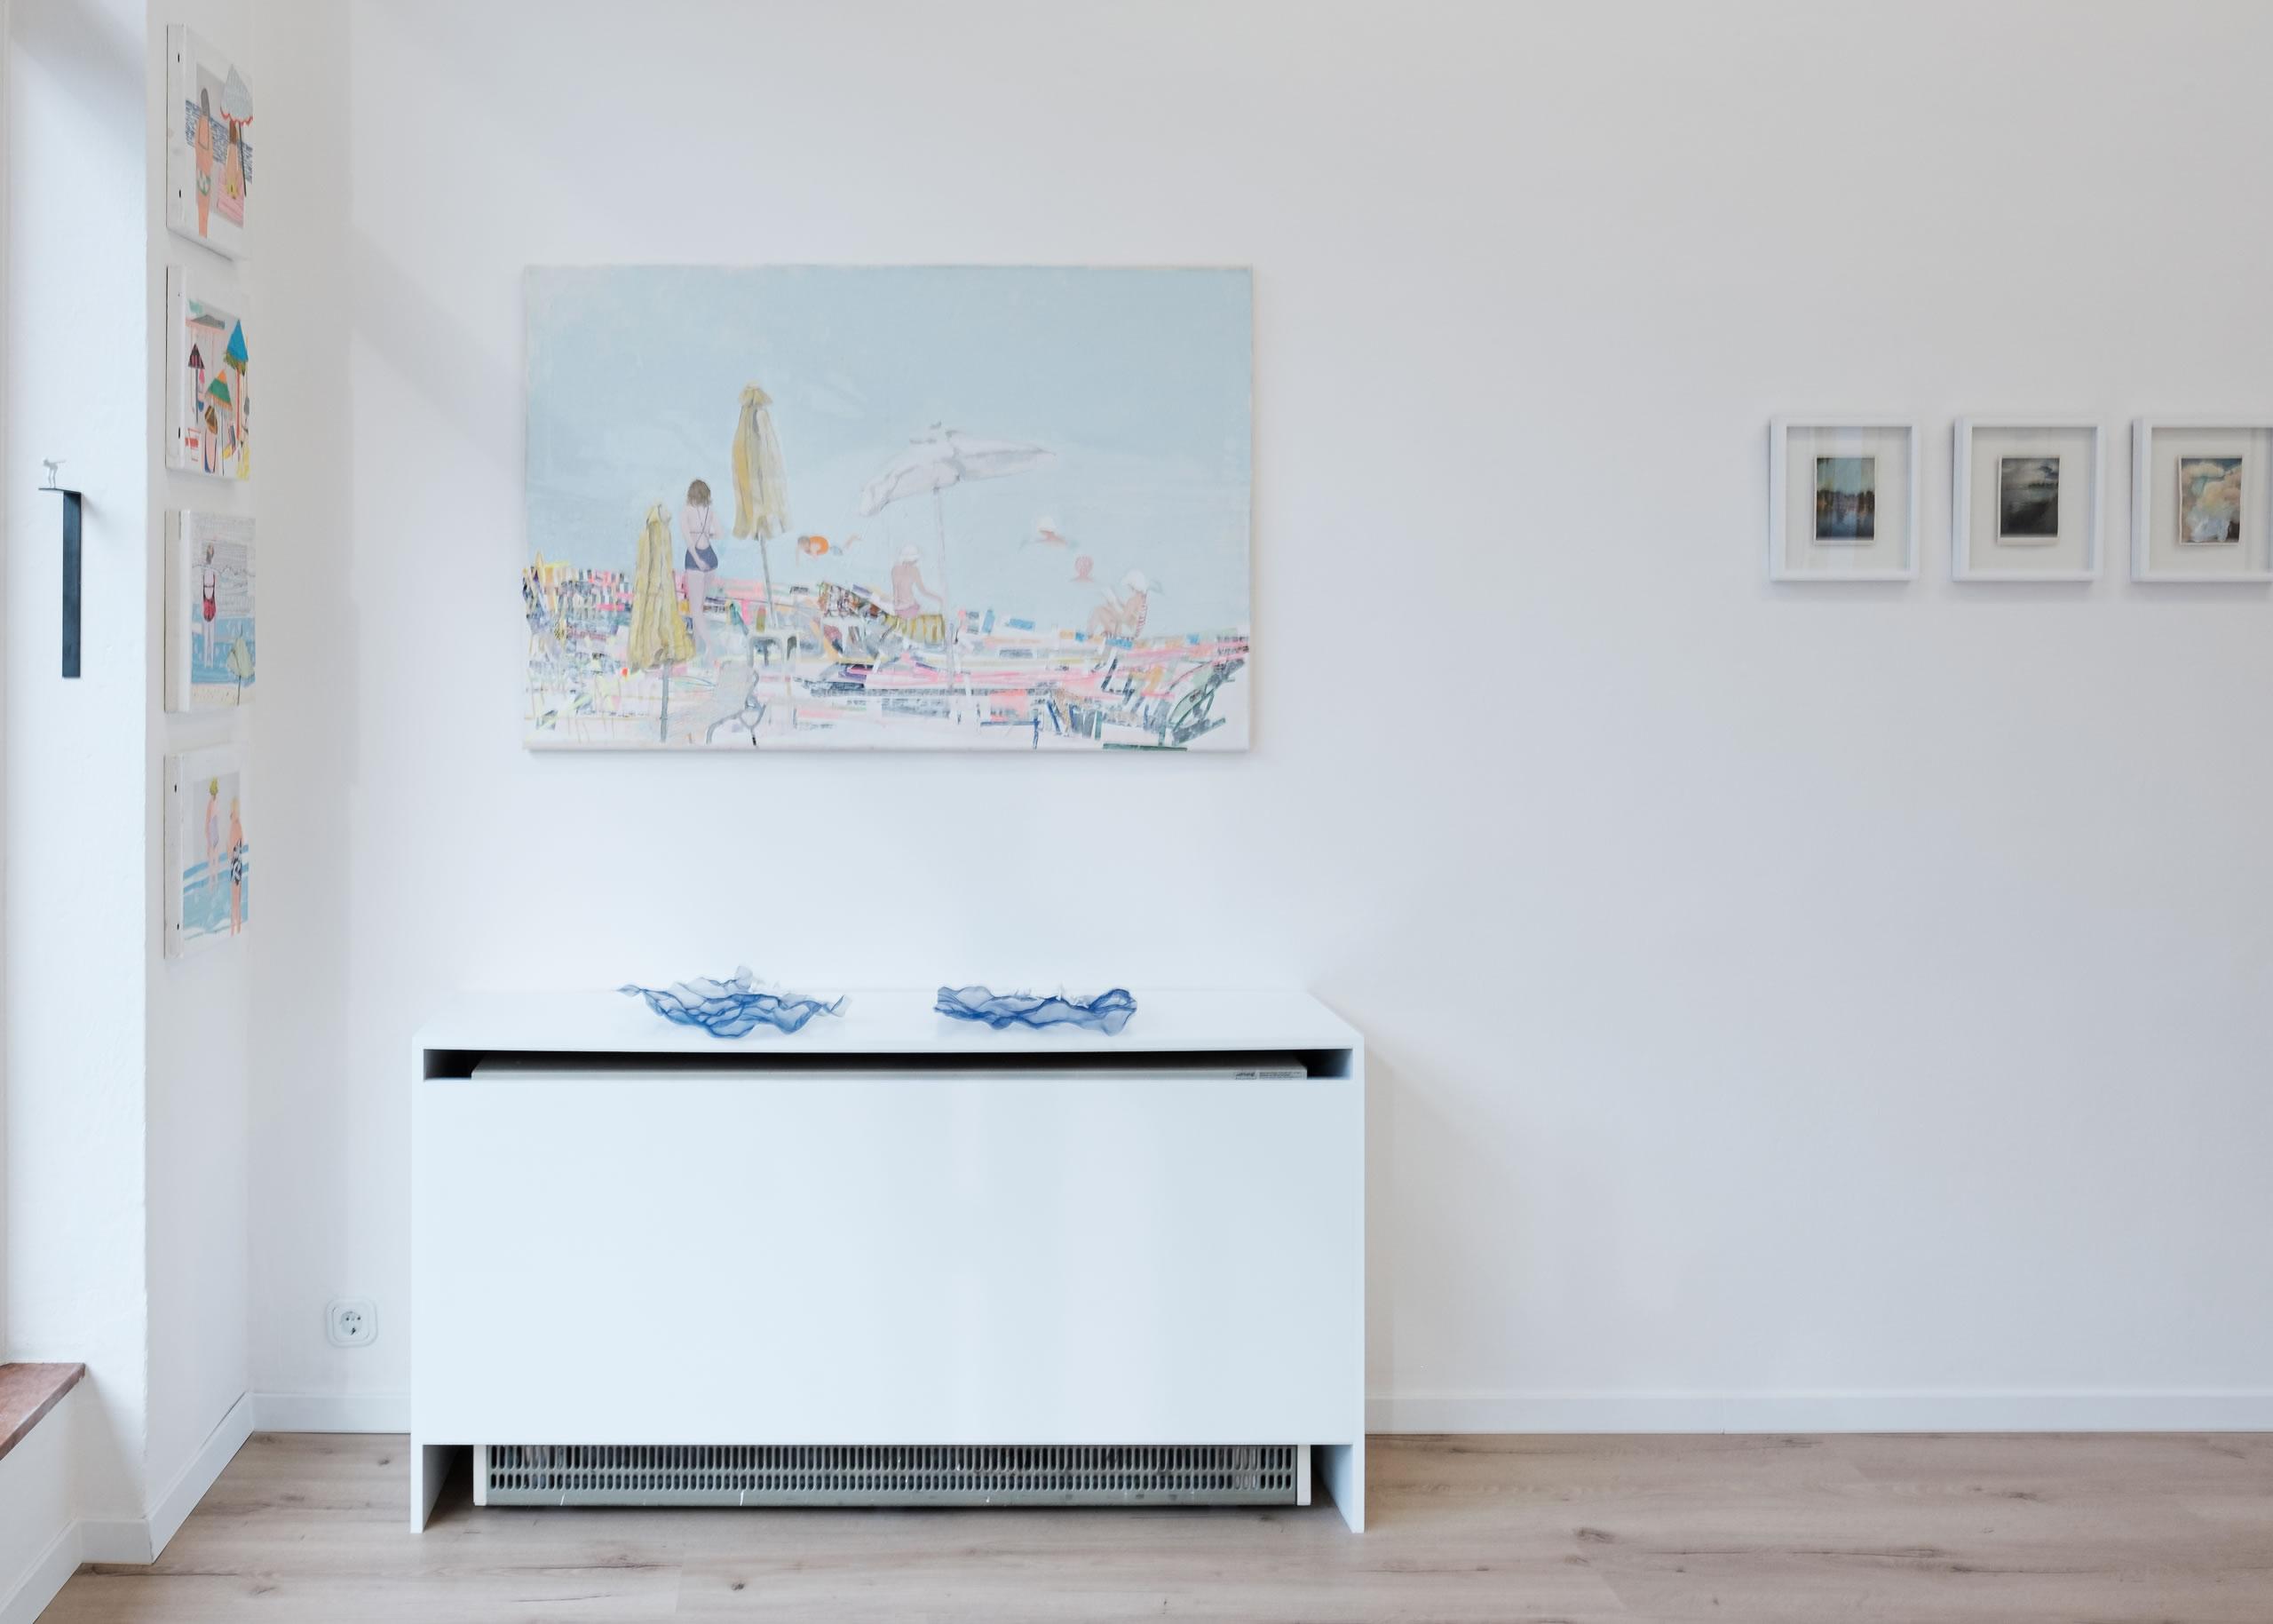 3. Törn | Anthia Loizou | III | Foto Manu Lasnik | 2019 | Galerie3